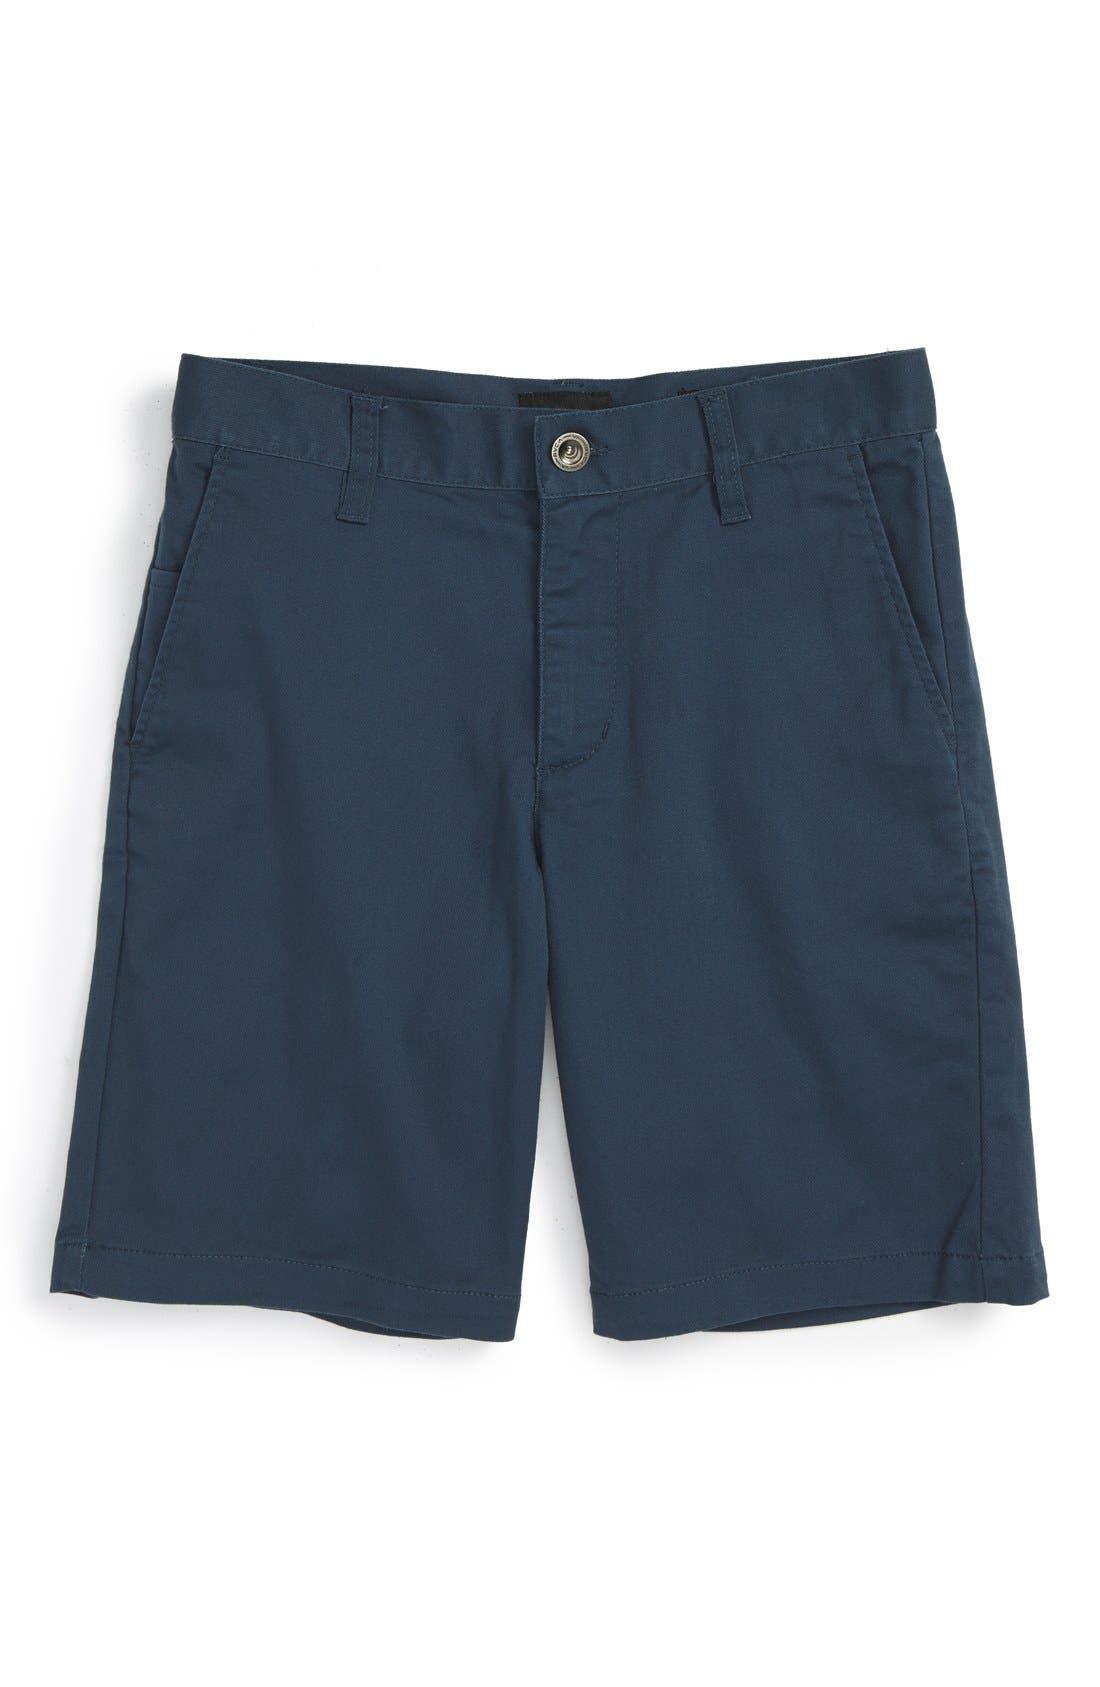 Main Image - RVCA 'Weekday' Shorts (Big Boys)